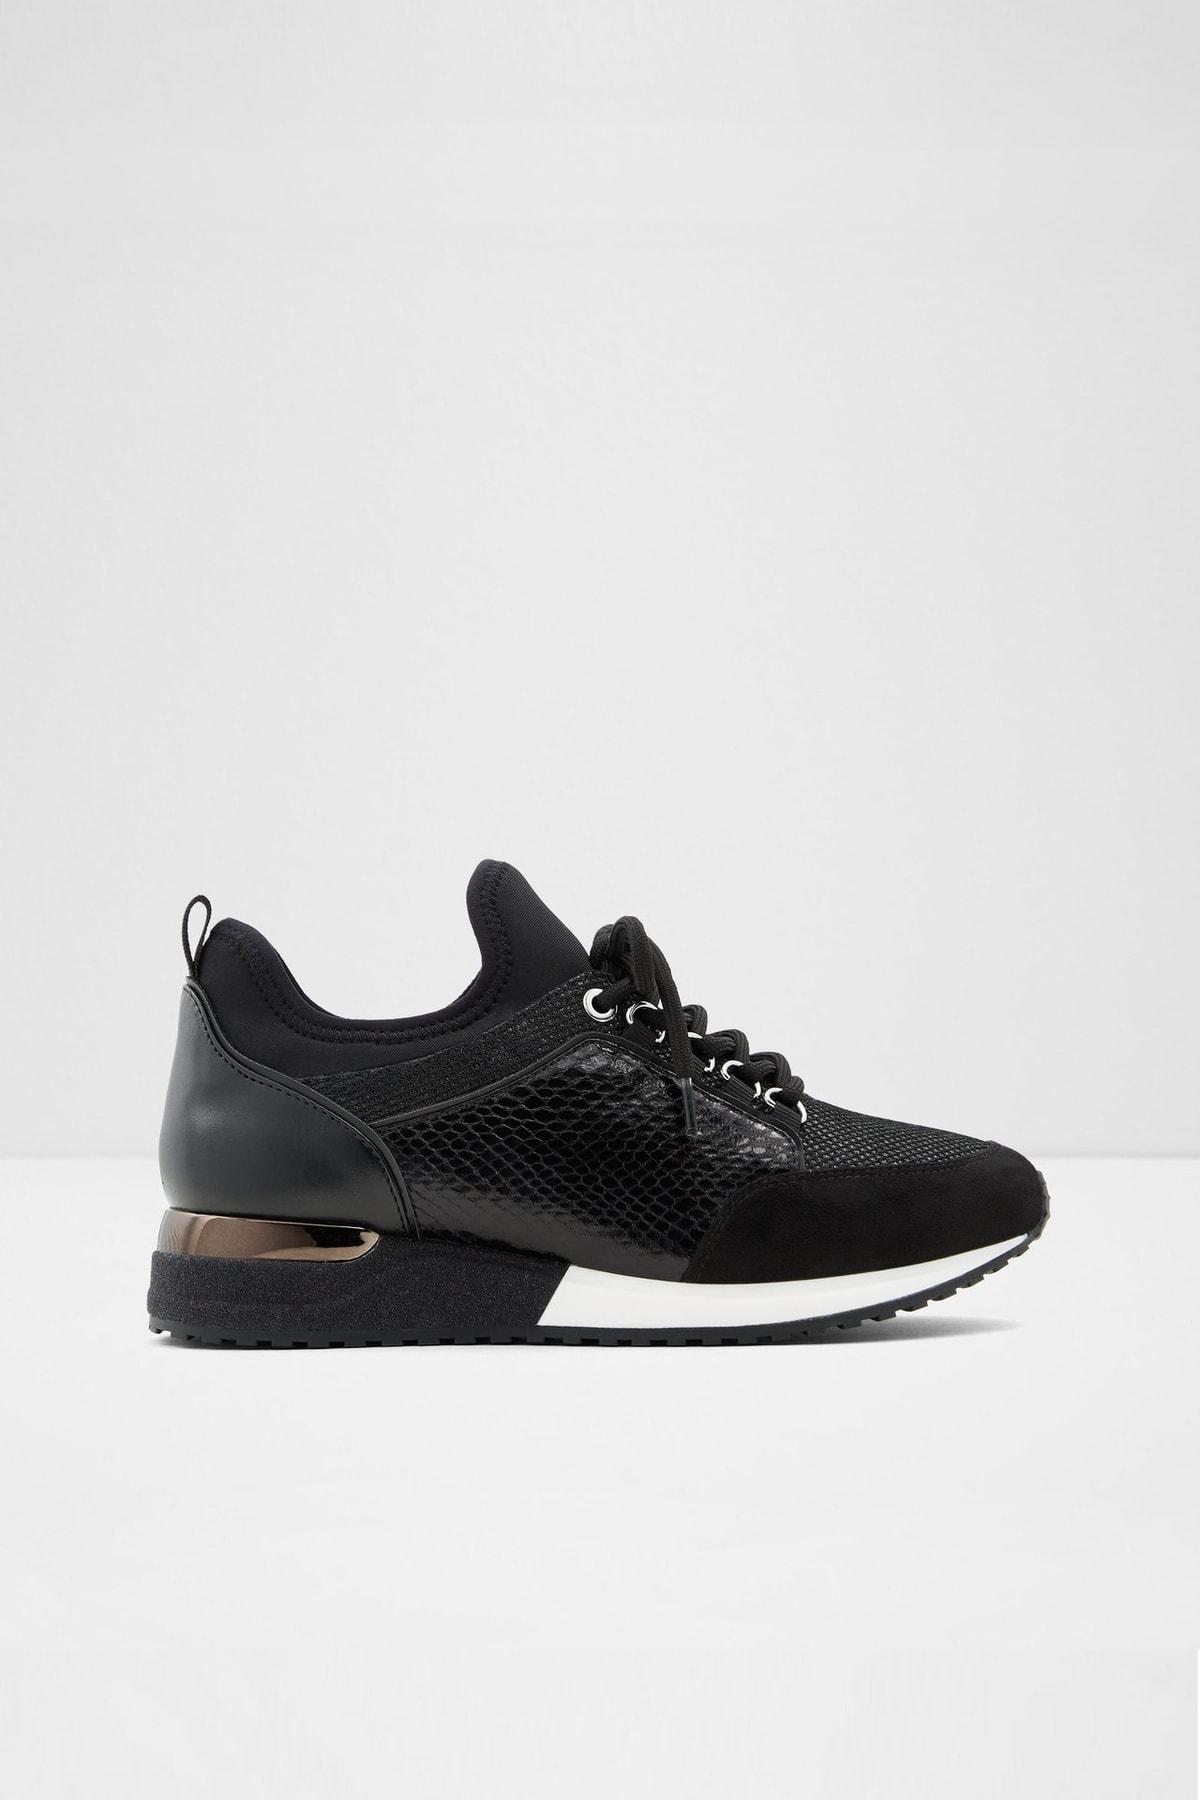 Aldo Courtwood - Siyah Kadın Sneaker 1